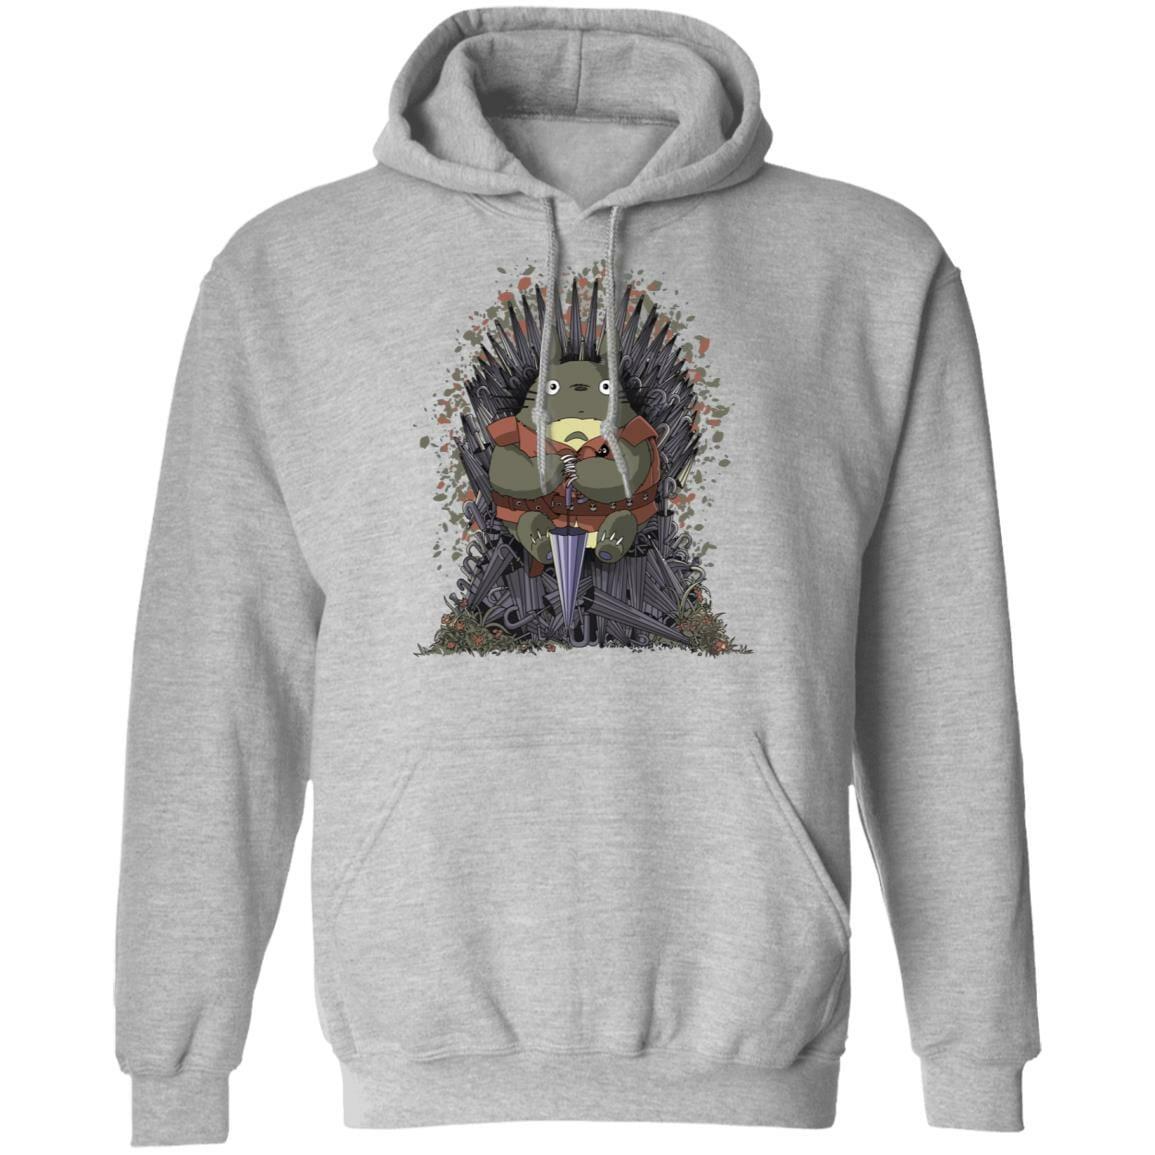 Totoro Game of Thrones Hoodie